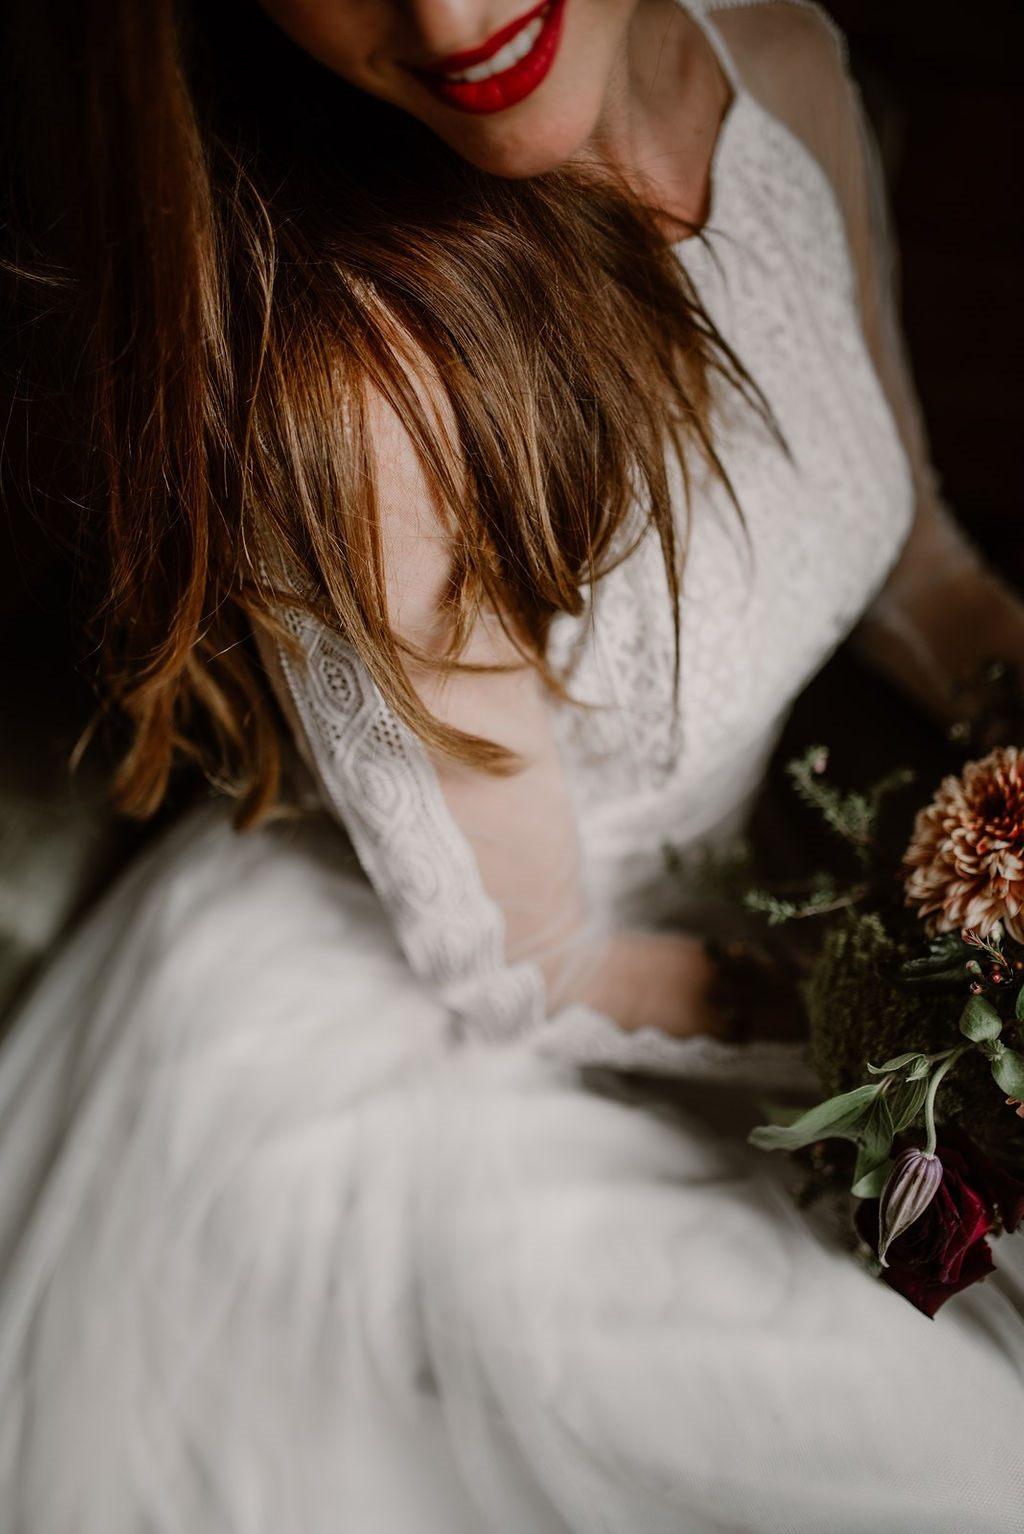 Les manches de cette robe de mariée sont transparentes avec des petits détails de guipure.